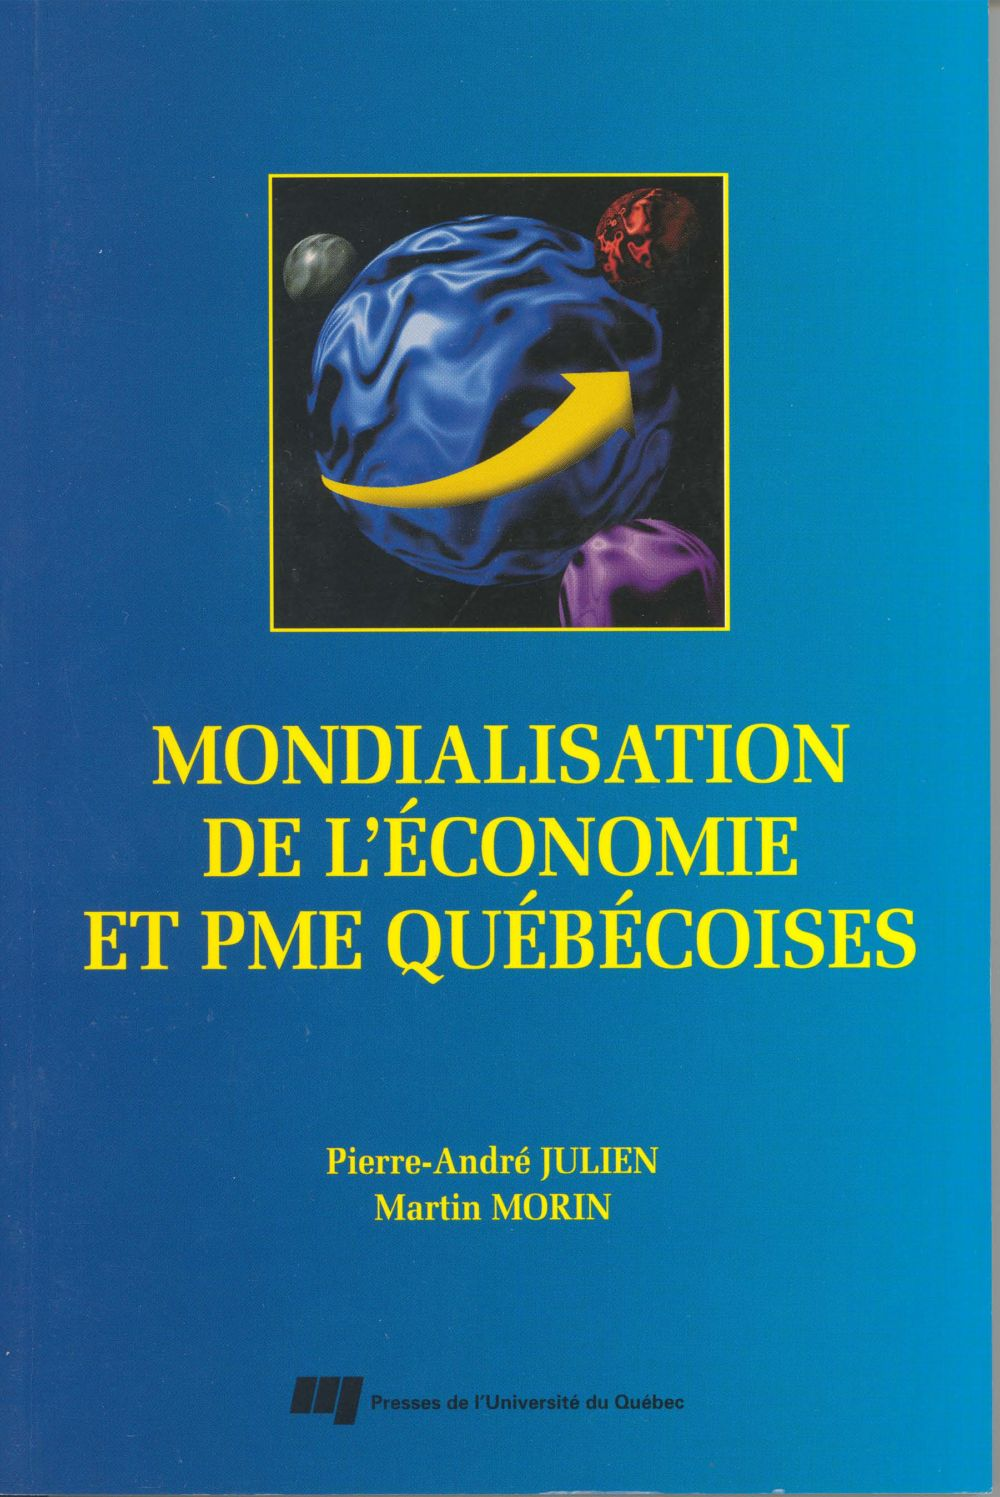 Mondialisation de l'économie et PME québécoises